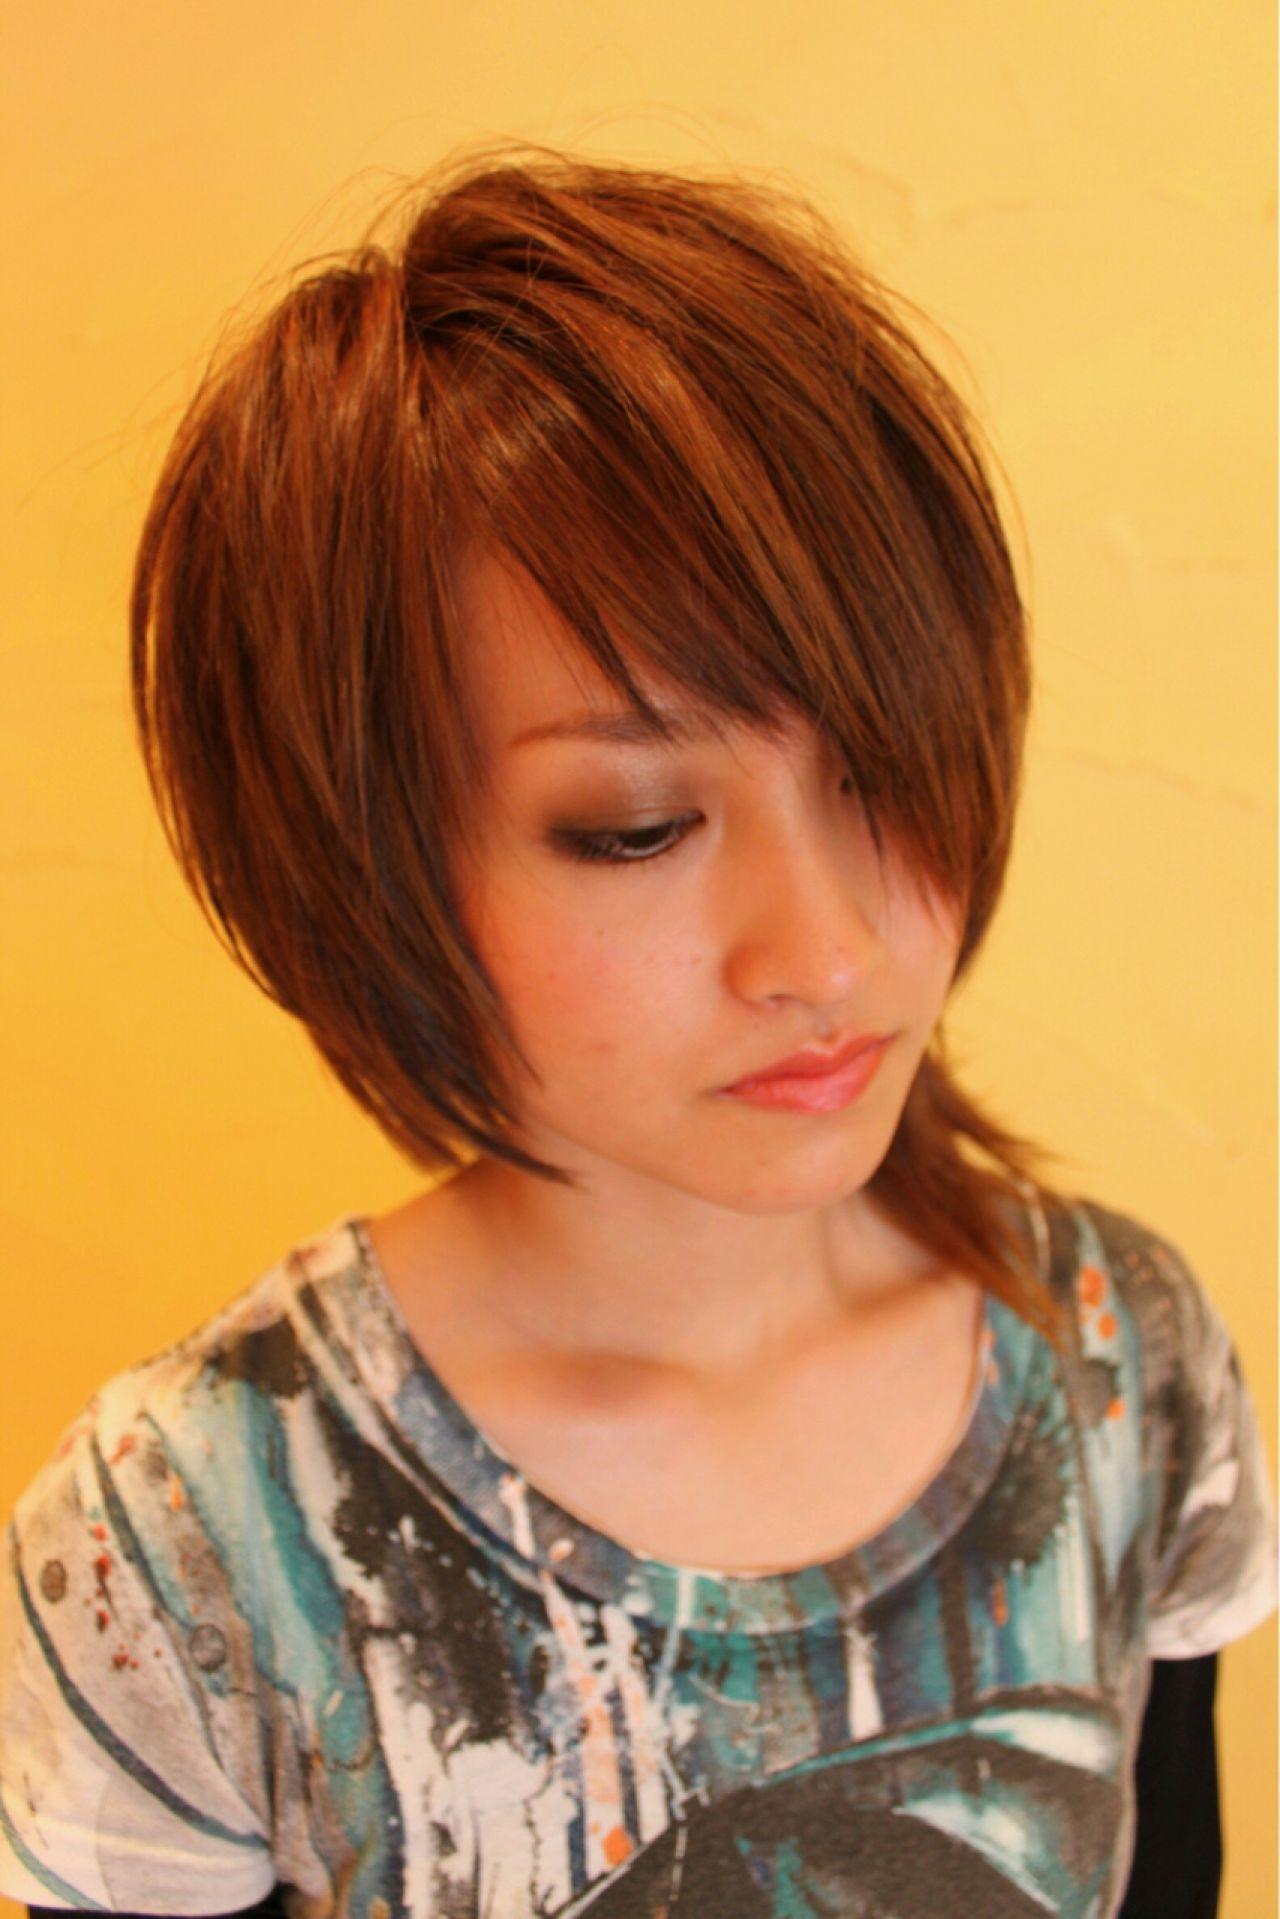 ショート モード ウルフカット アシメバング ヘアスタイルや髪型の写真・画像